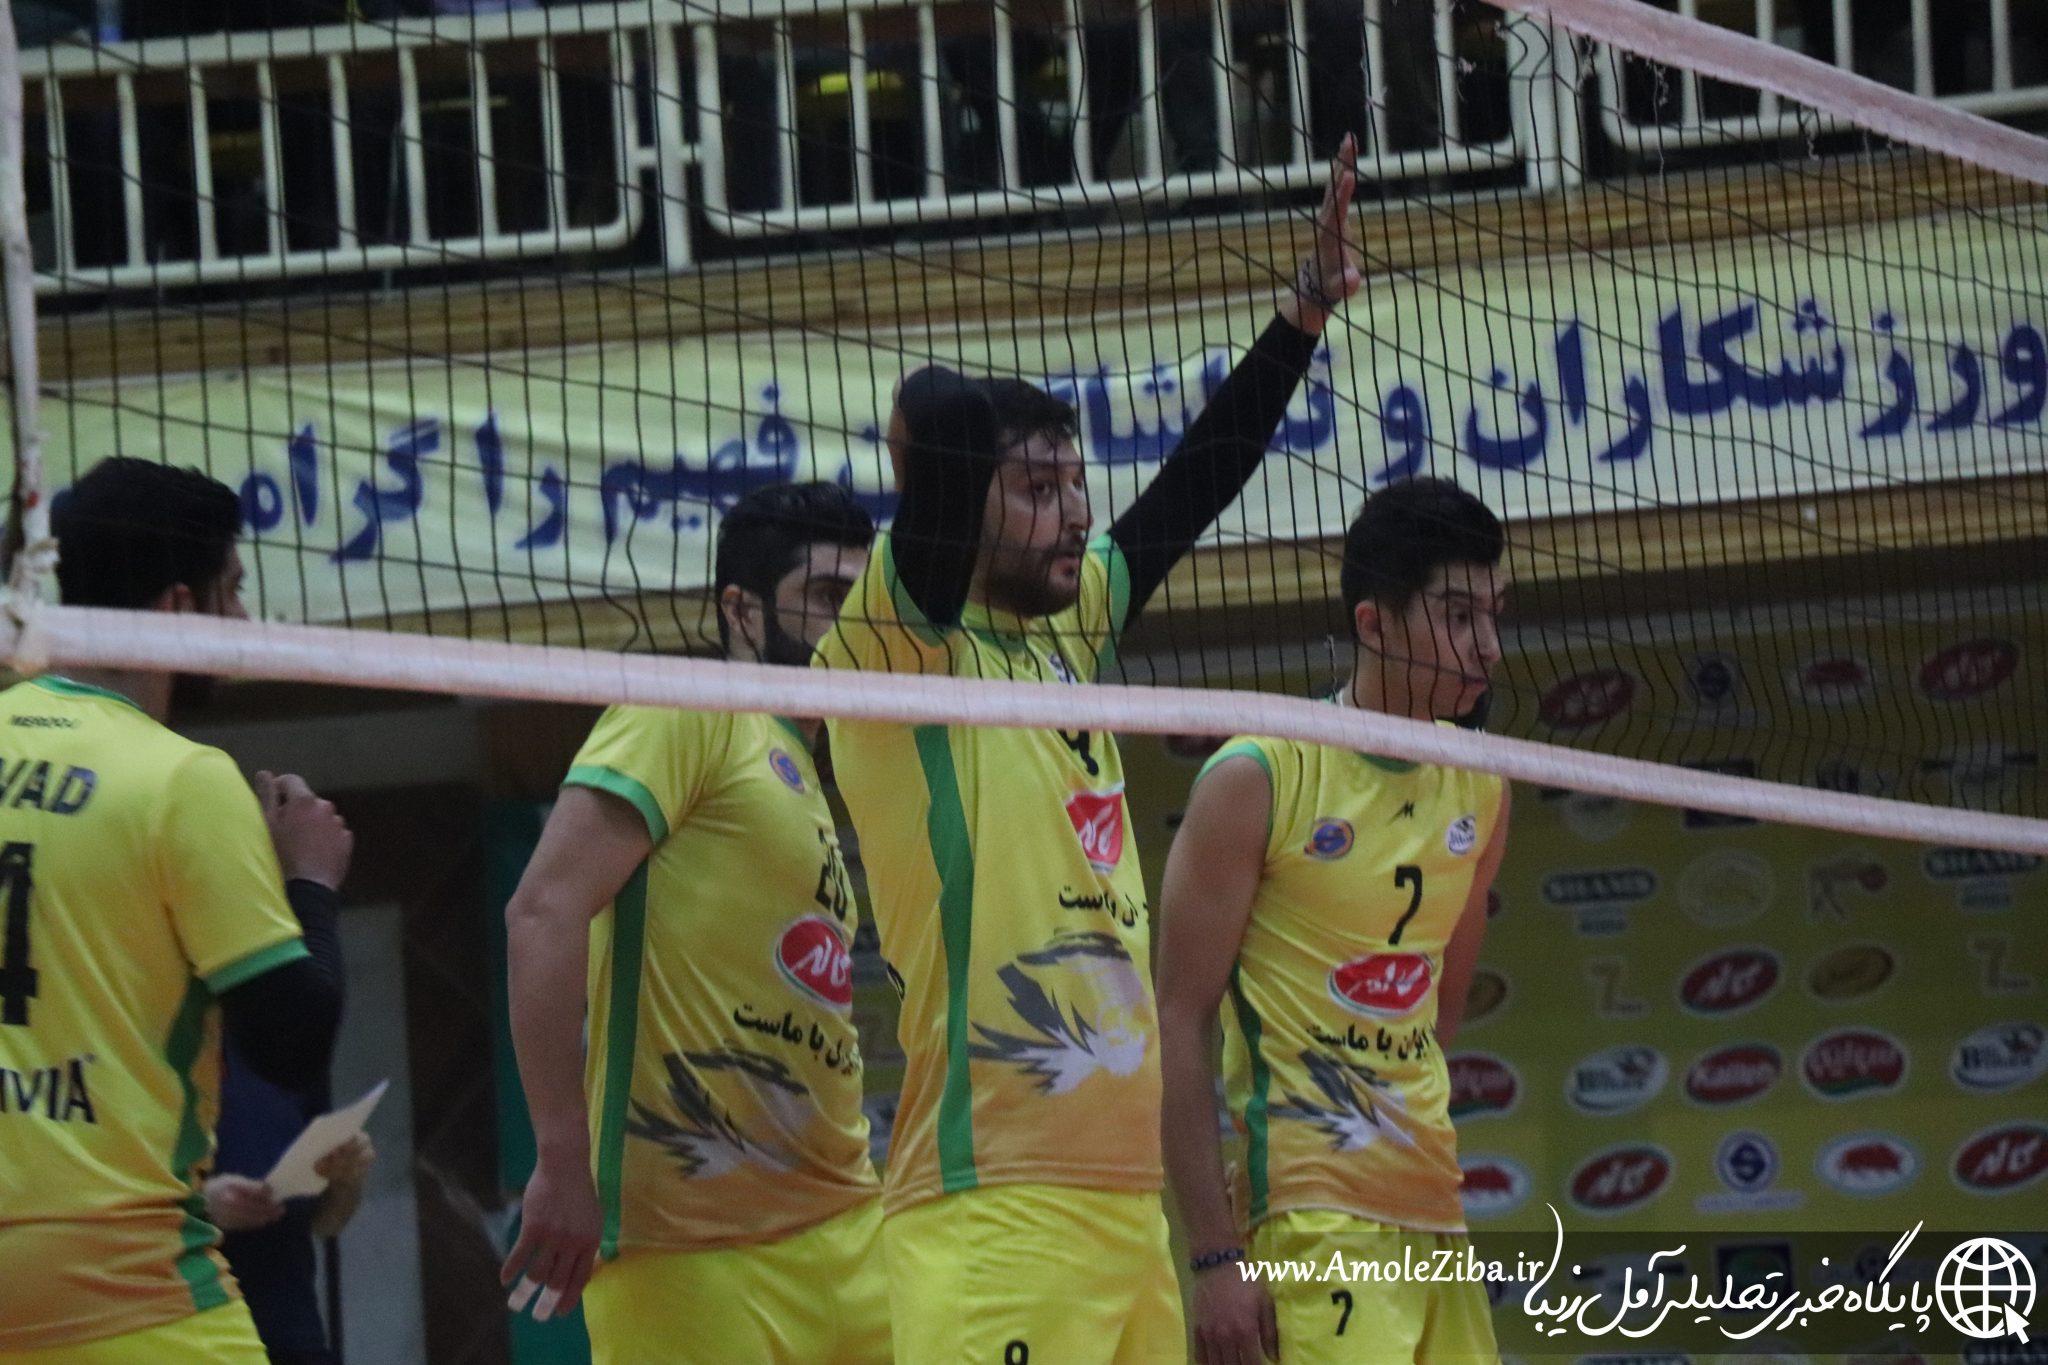 جدال جذاب با تبریزی ها در آمل/ شاگردان جوان عطایی در اندیشه انتقام بازی رفت